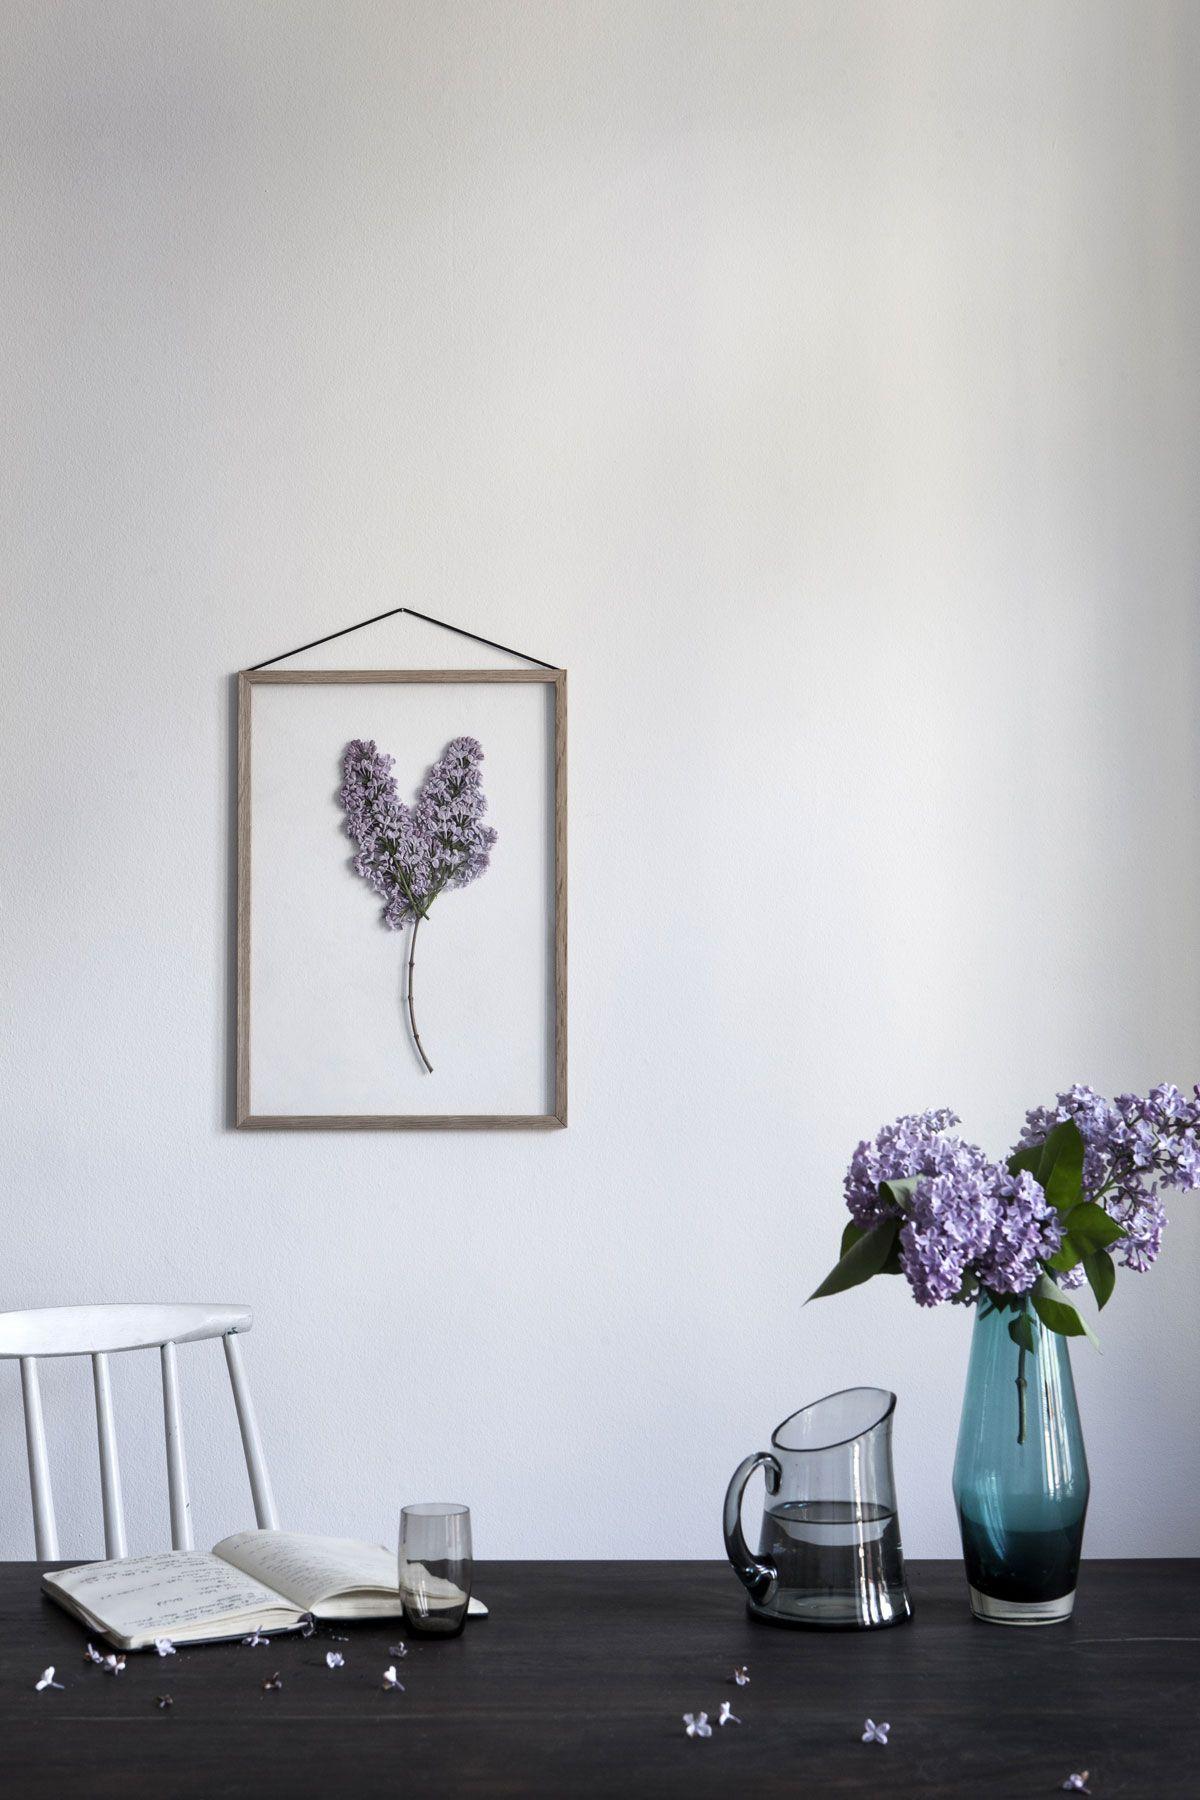 Bilderrahmen FRAME | Dänisches design, Dänisch und Holzrahmen